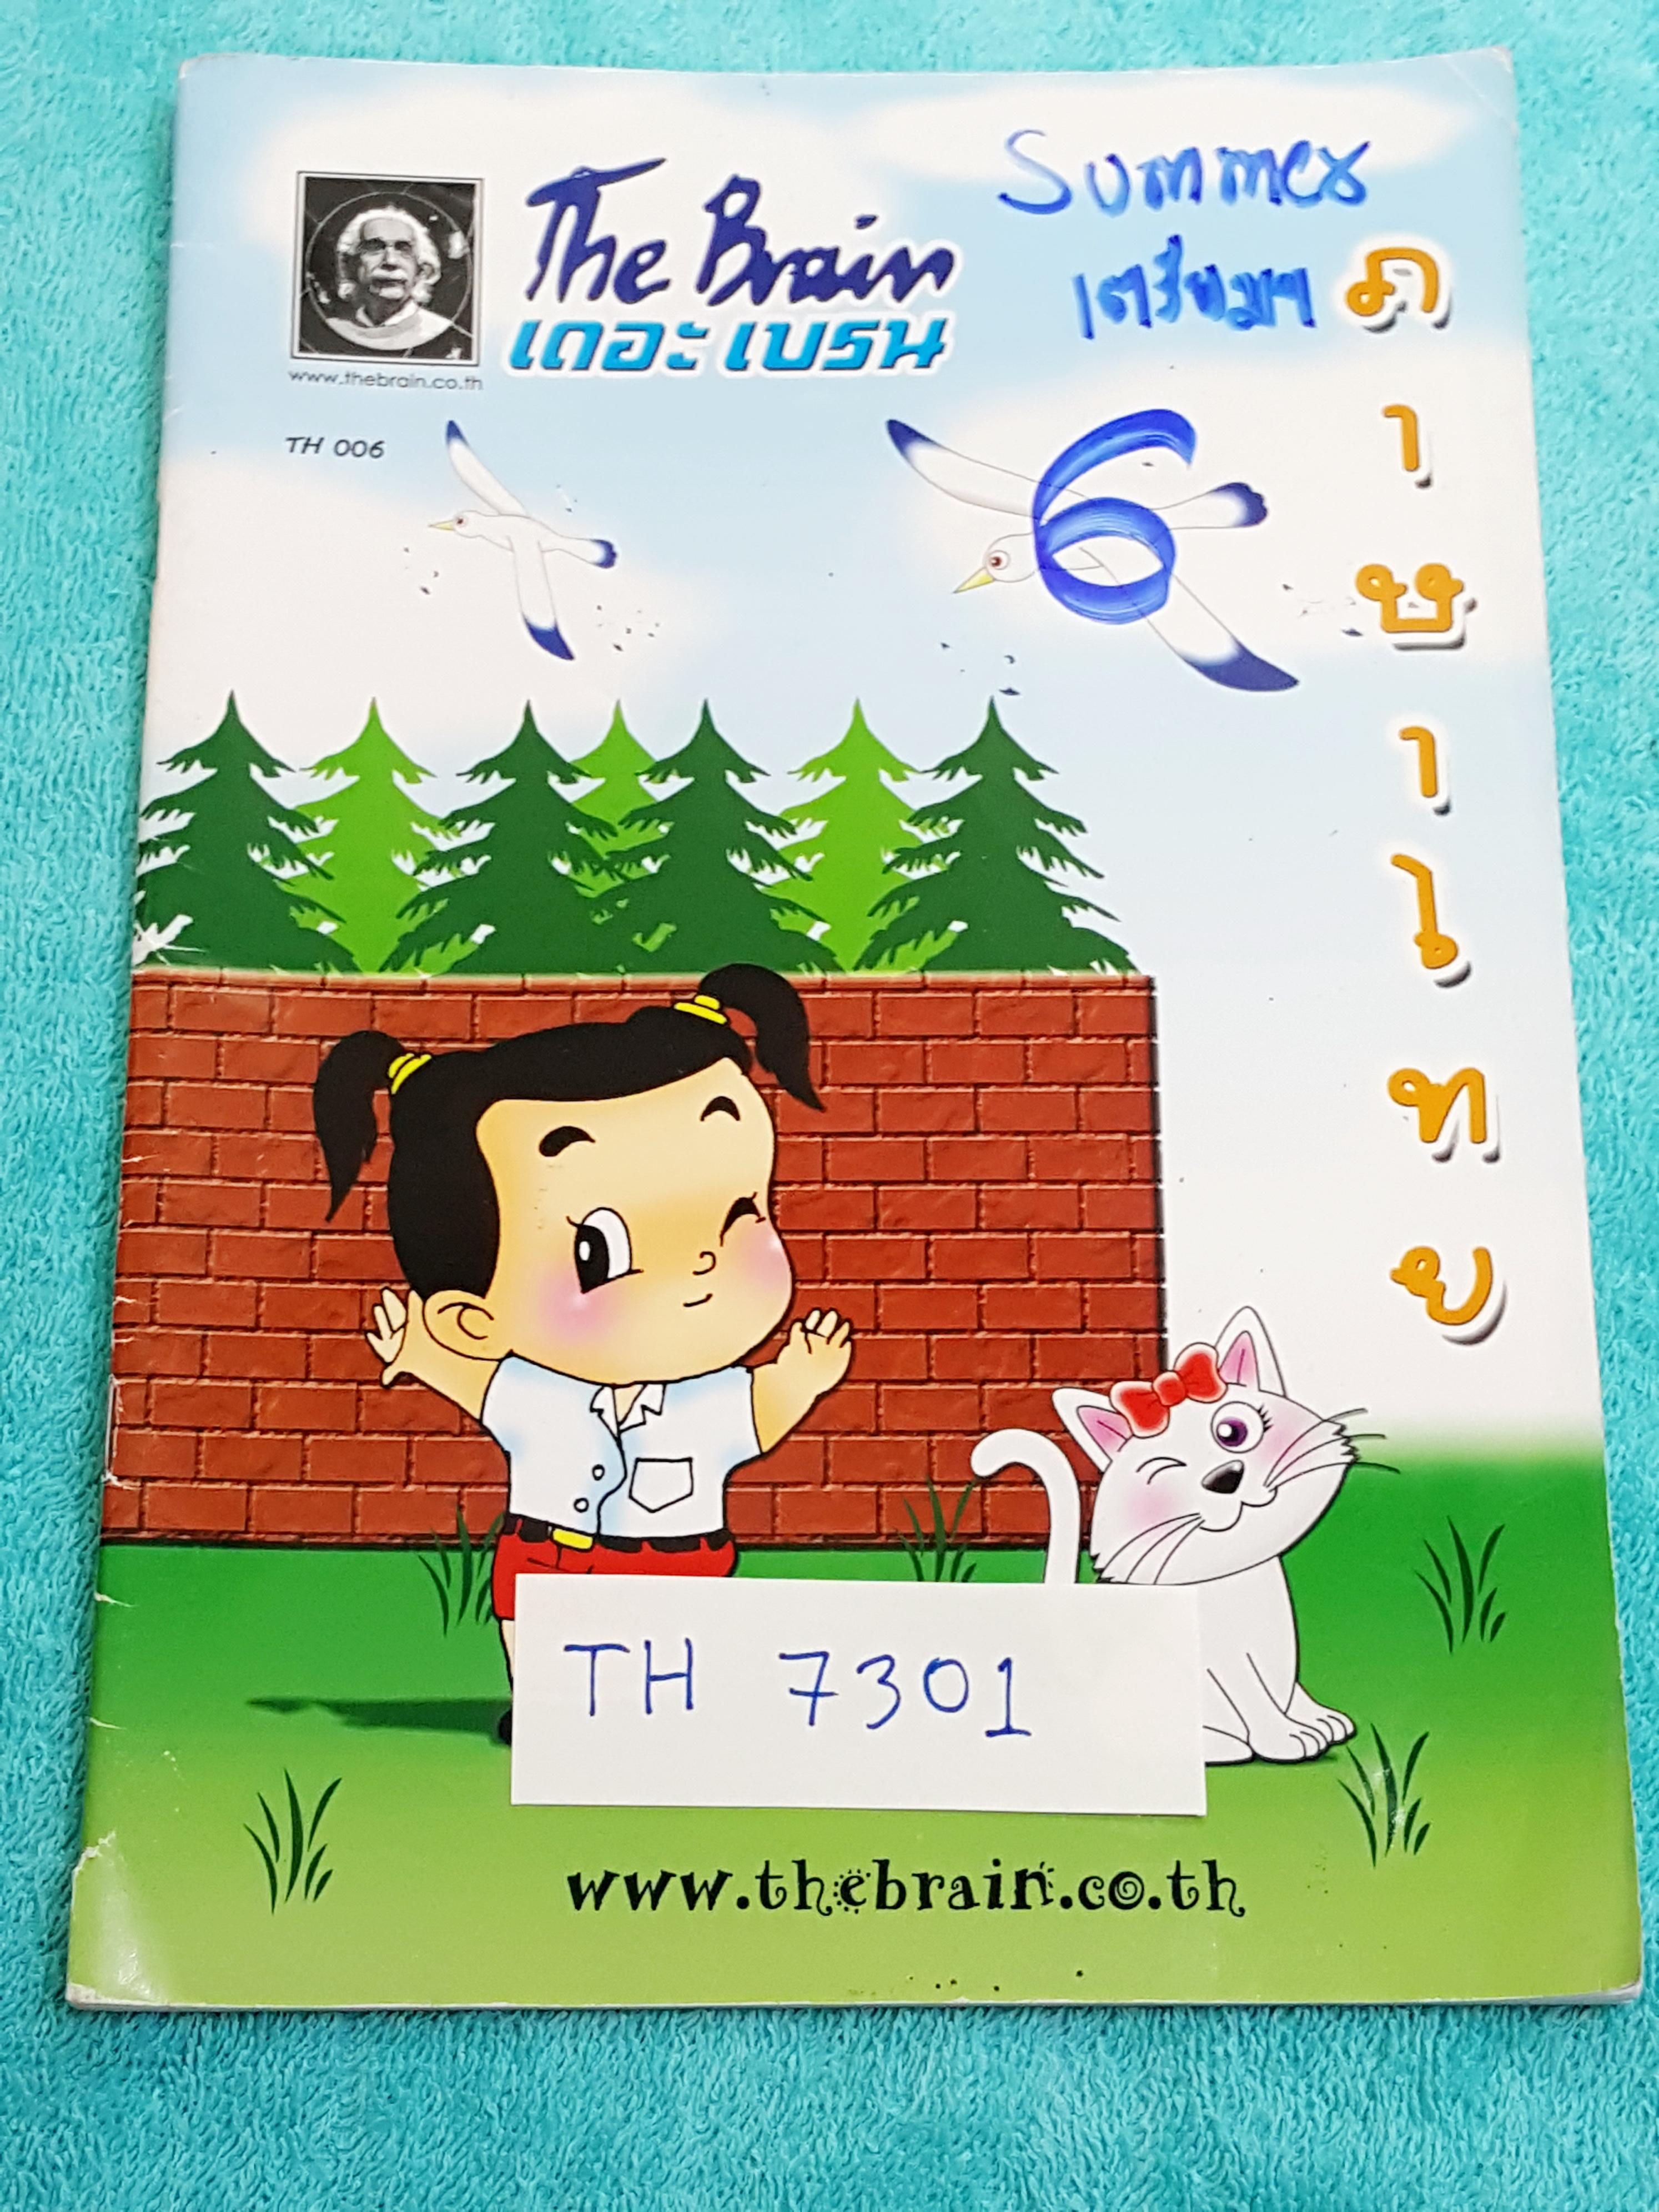 ►สอบเข้า ม.4◄ TH 7301 เดอะเบรน ภาษาไทย ม.3 สอบเข้า ม.4 สายวิทย์-สายศิลป์ ทักษสัมพันธ์ จดครบเกือบทั้งเล่ม หนังสือมีขนาด 17.5 *25 *0.5 ซม.